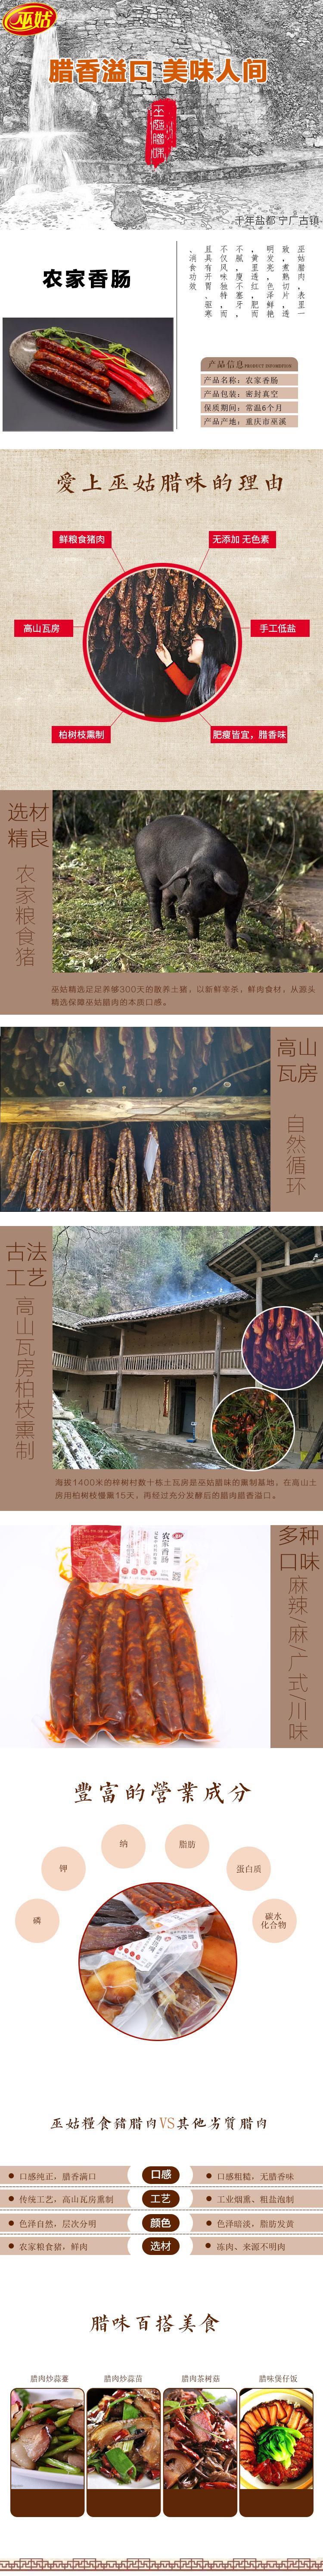 malaxiangchang-2.jpg